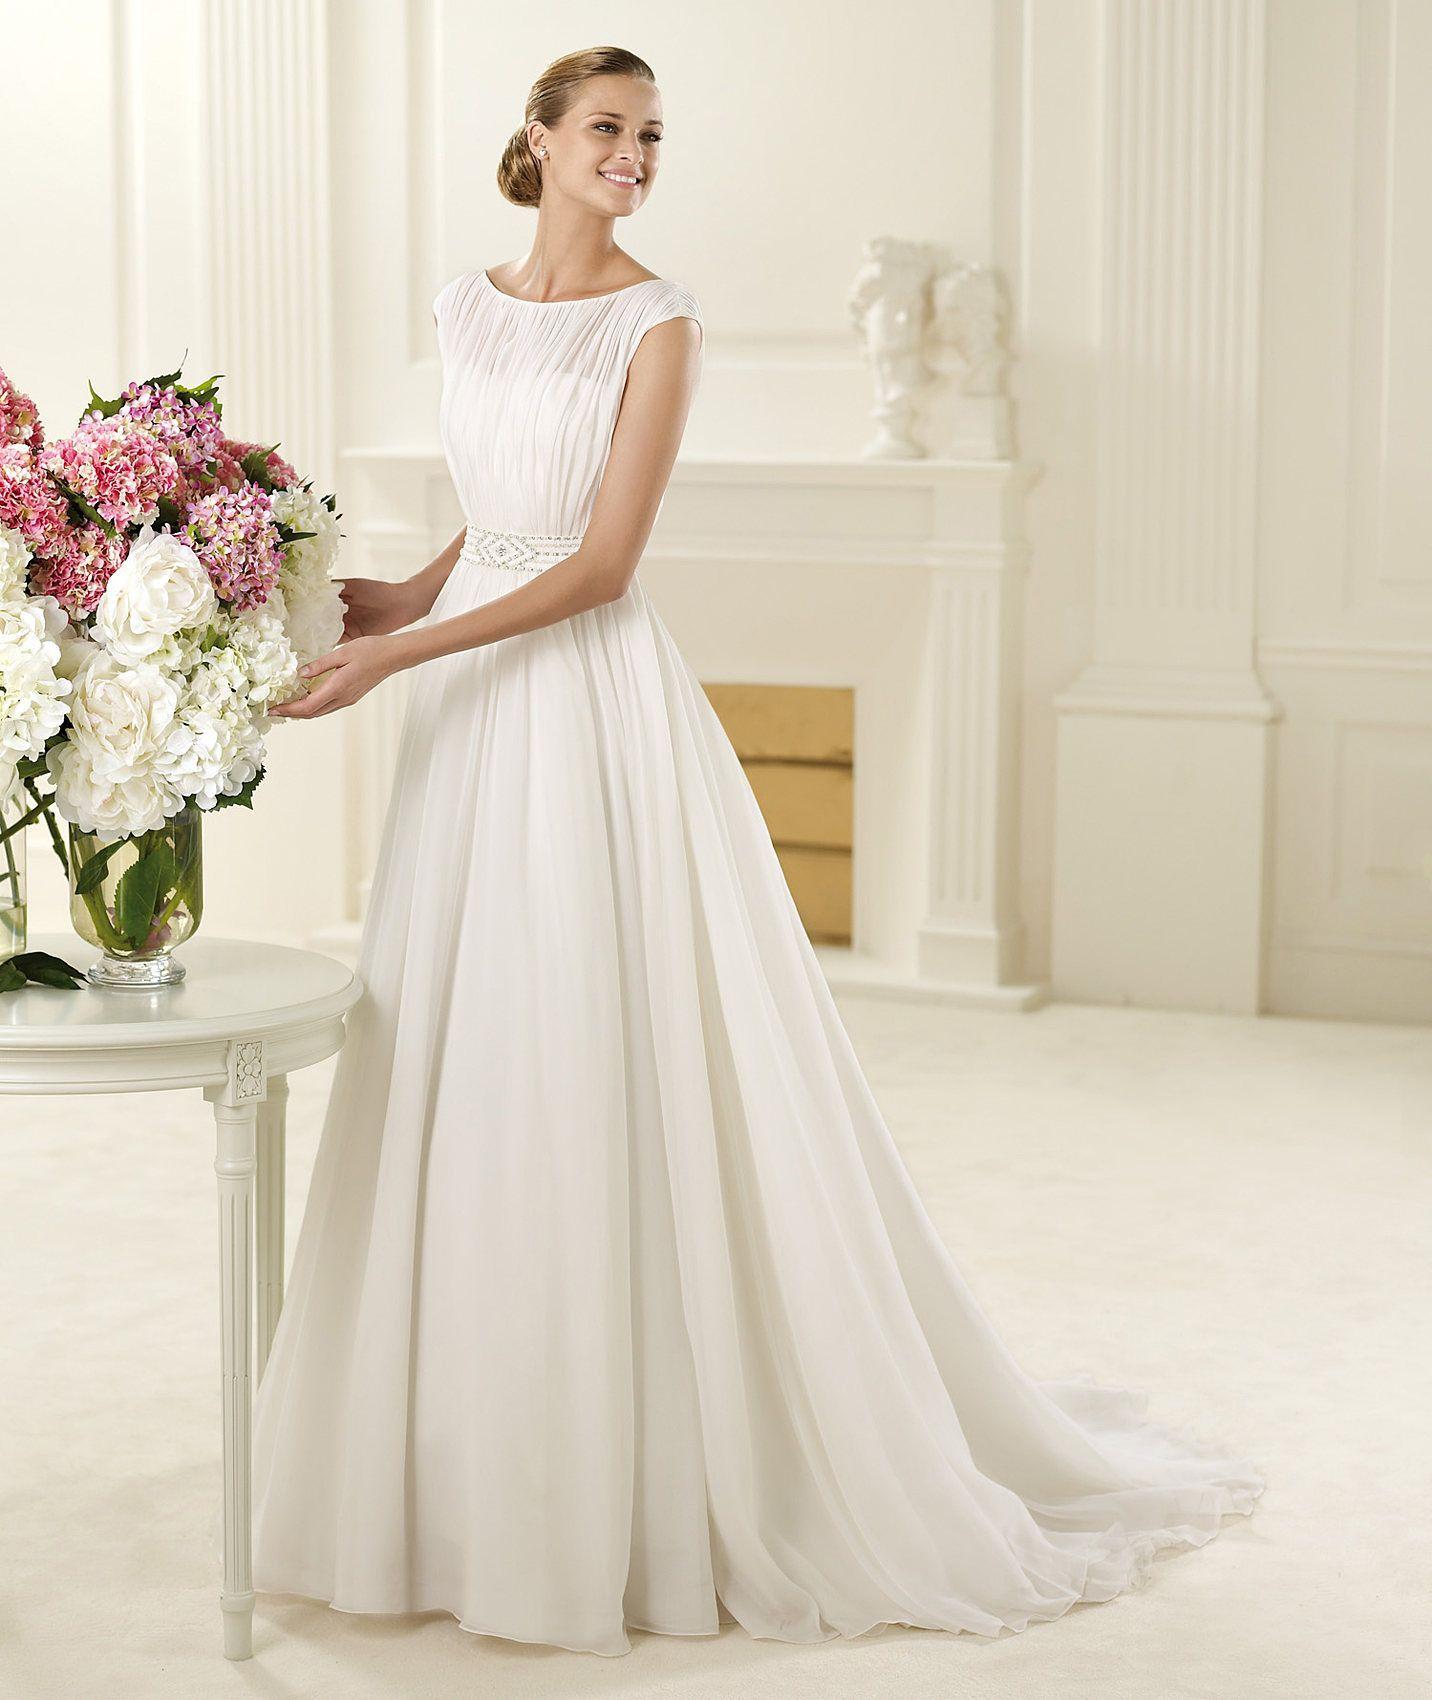 Ziemlich Cocktail Dresses Denver Ideen - Hochzeitskleid Für Braut ...